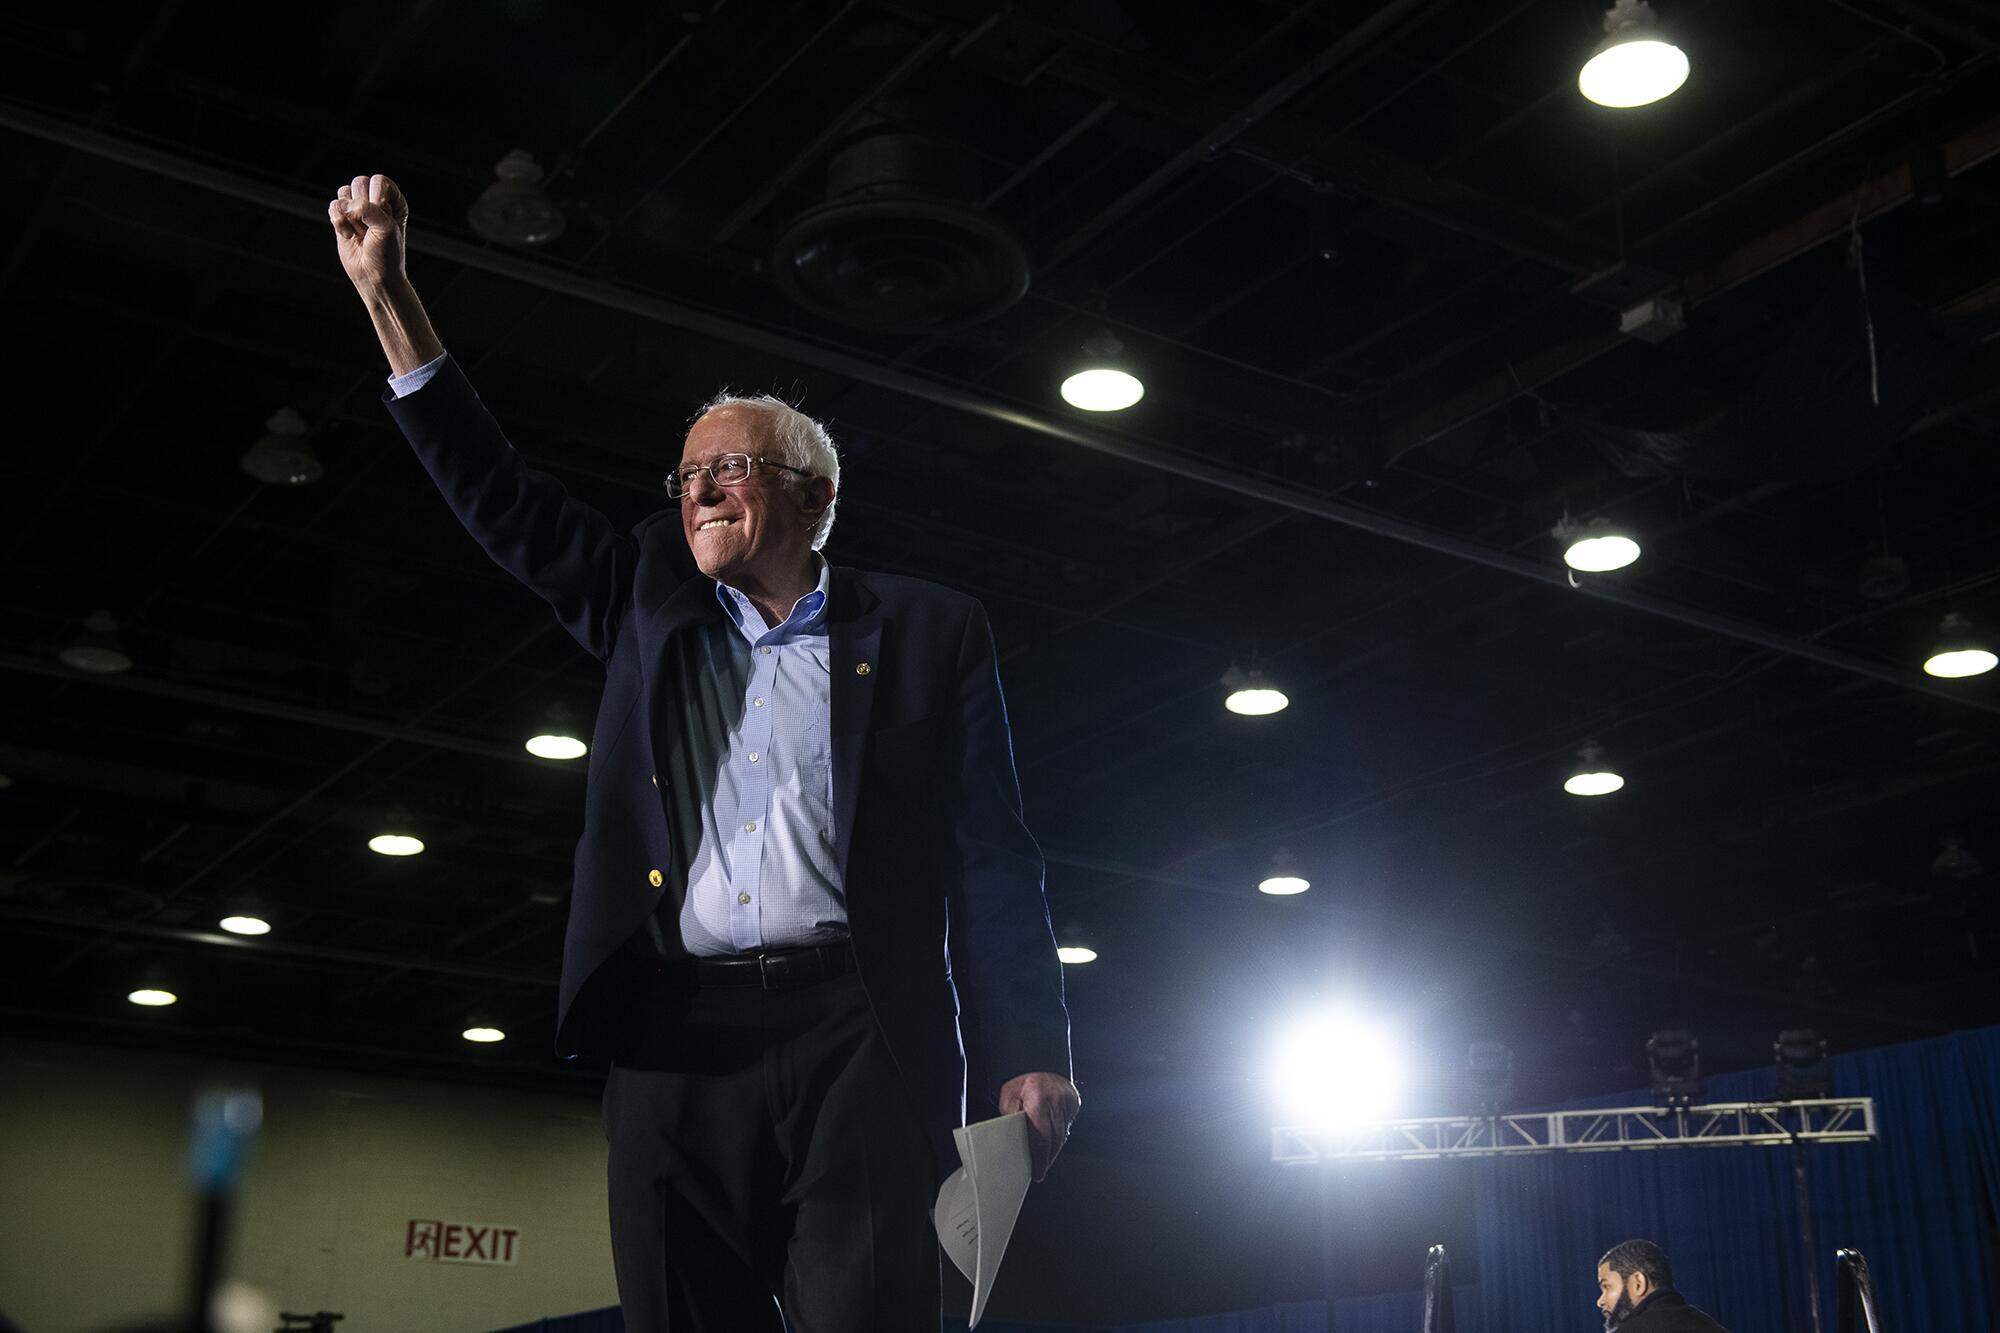 """民主党大会召开,桑德斯将呼吁:击败特朗普,赶走""""史上最危险总统"""""""